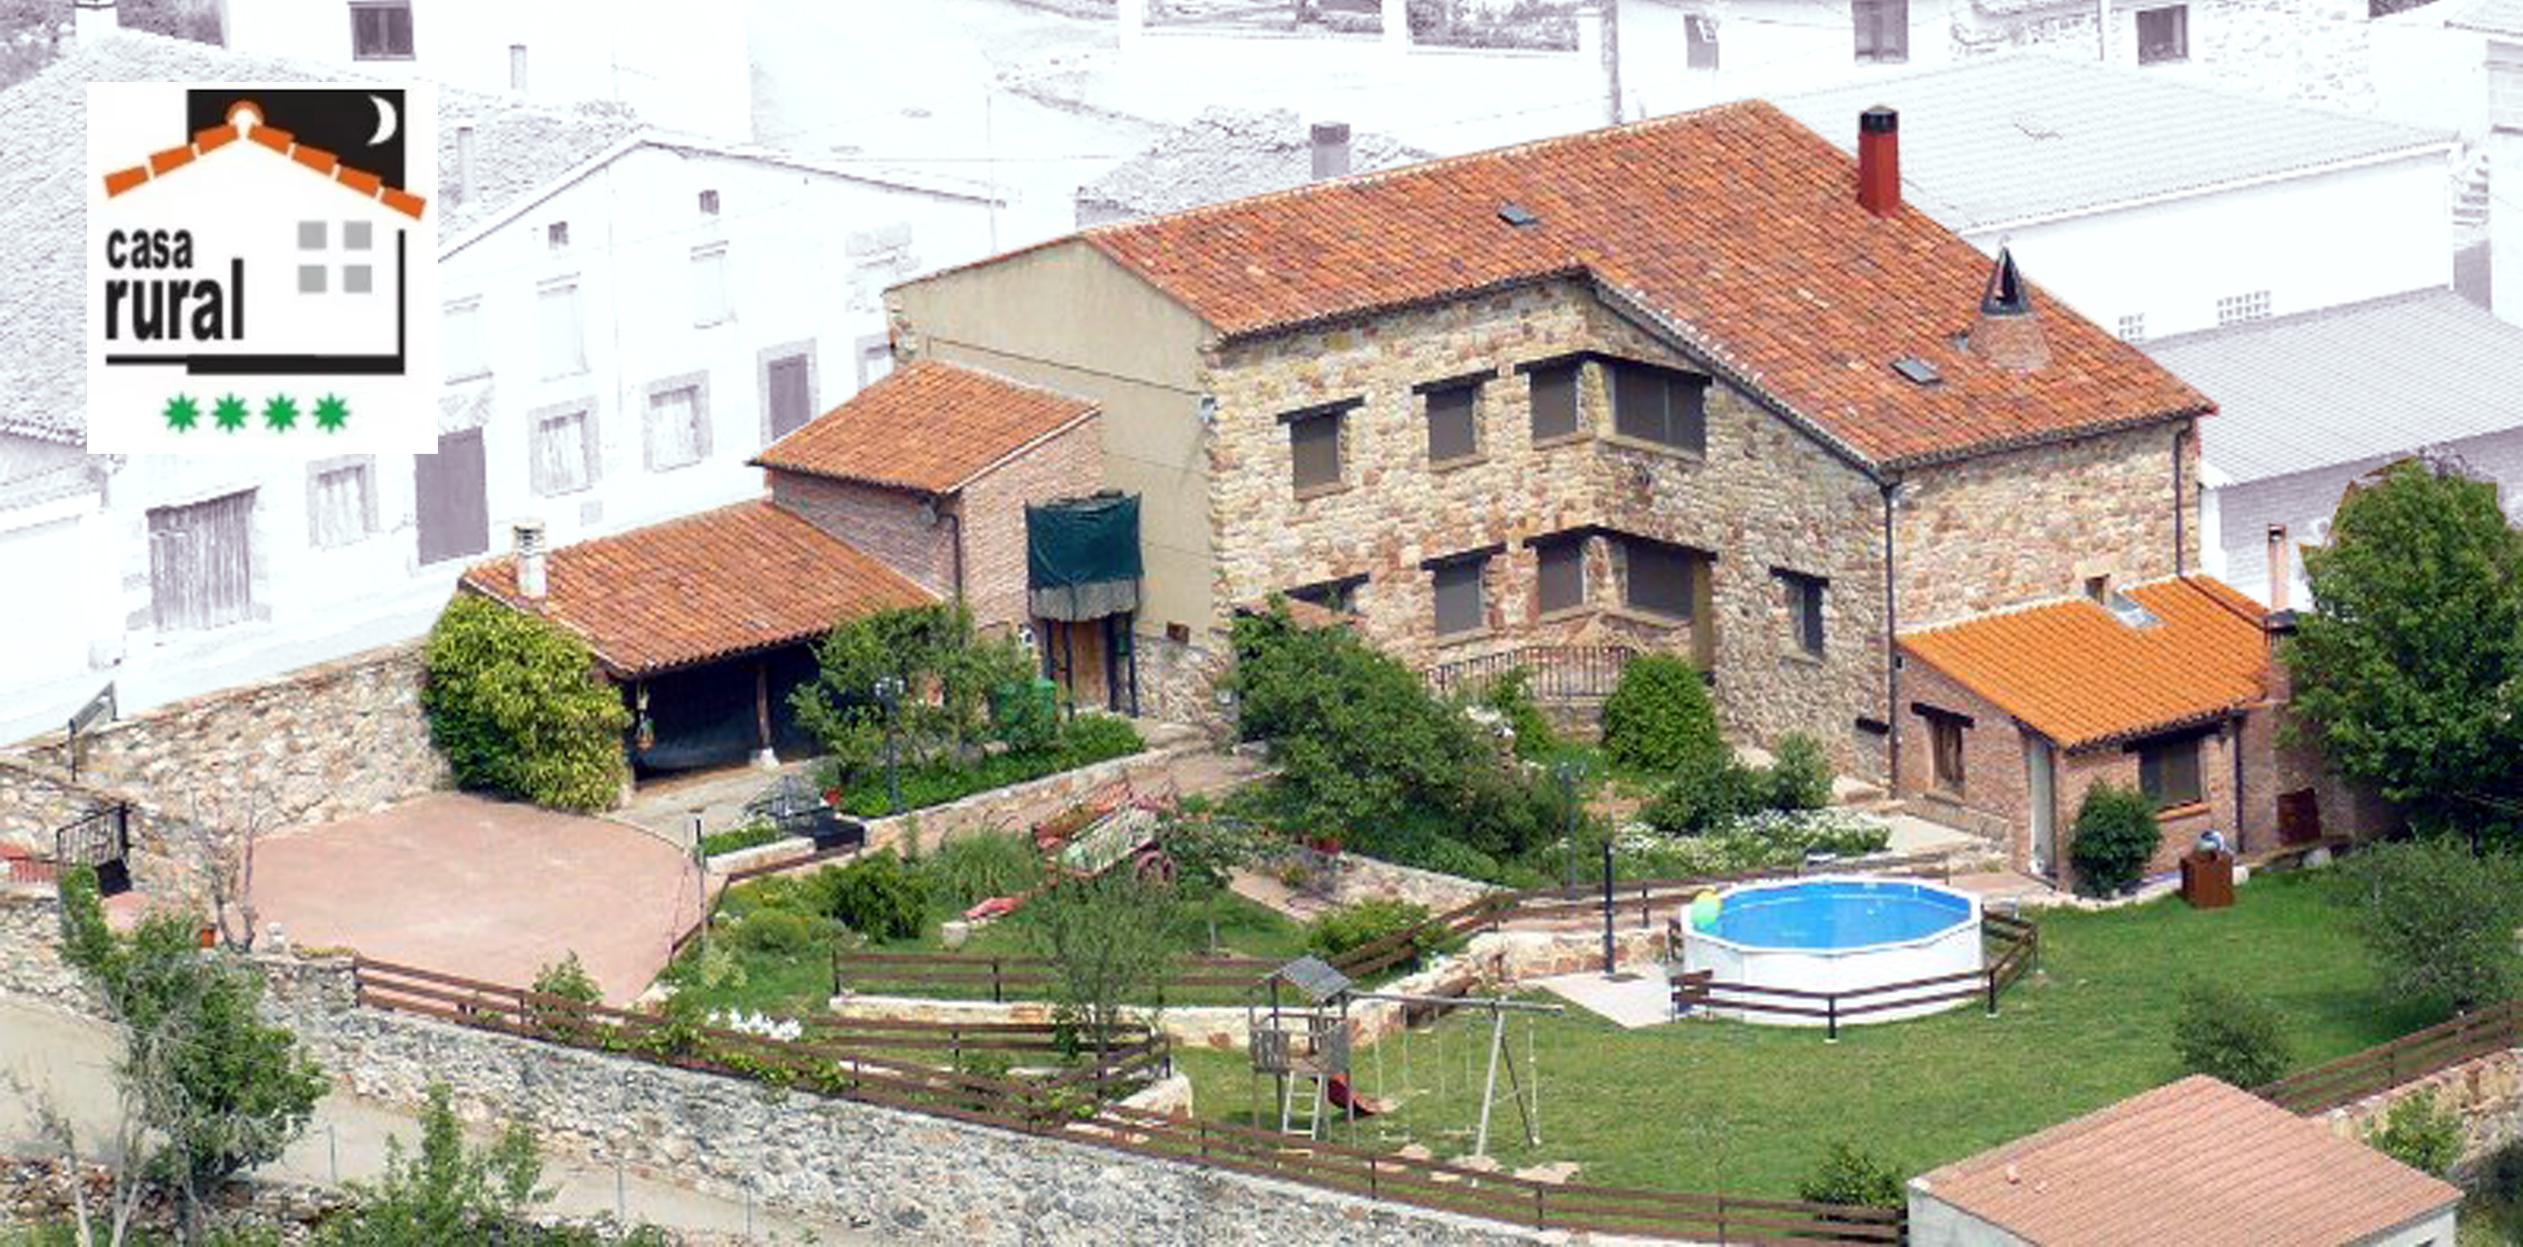 Casa rural cerca del ca n del r o lobos chimenea de soria for Casas rurales cerca de piscinas naturales